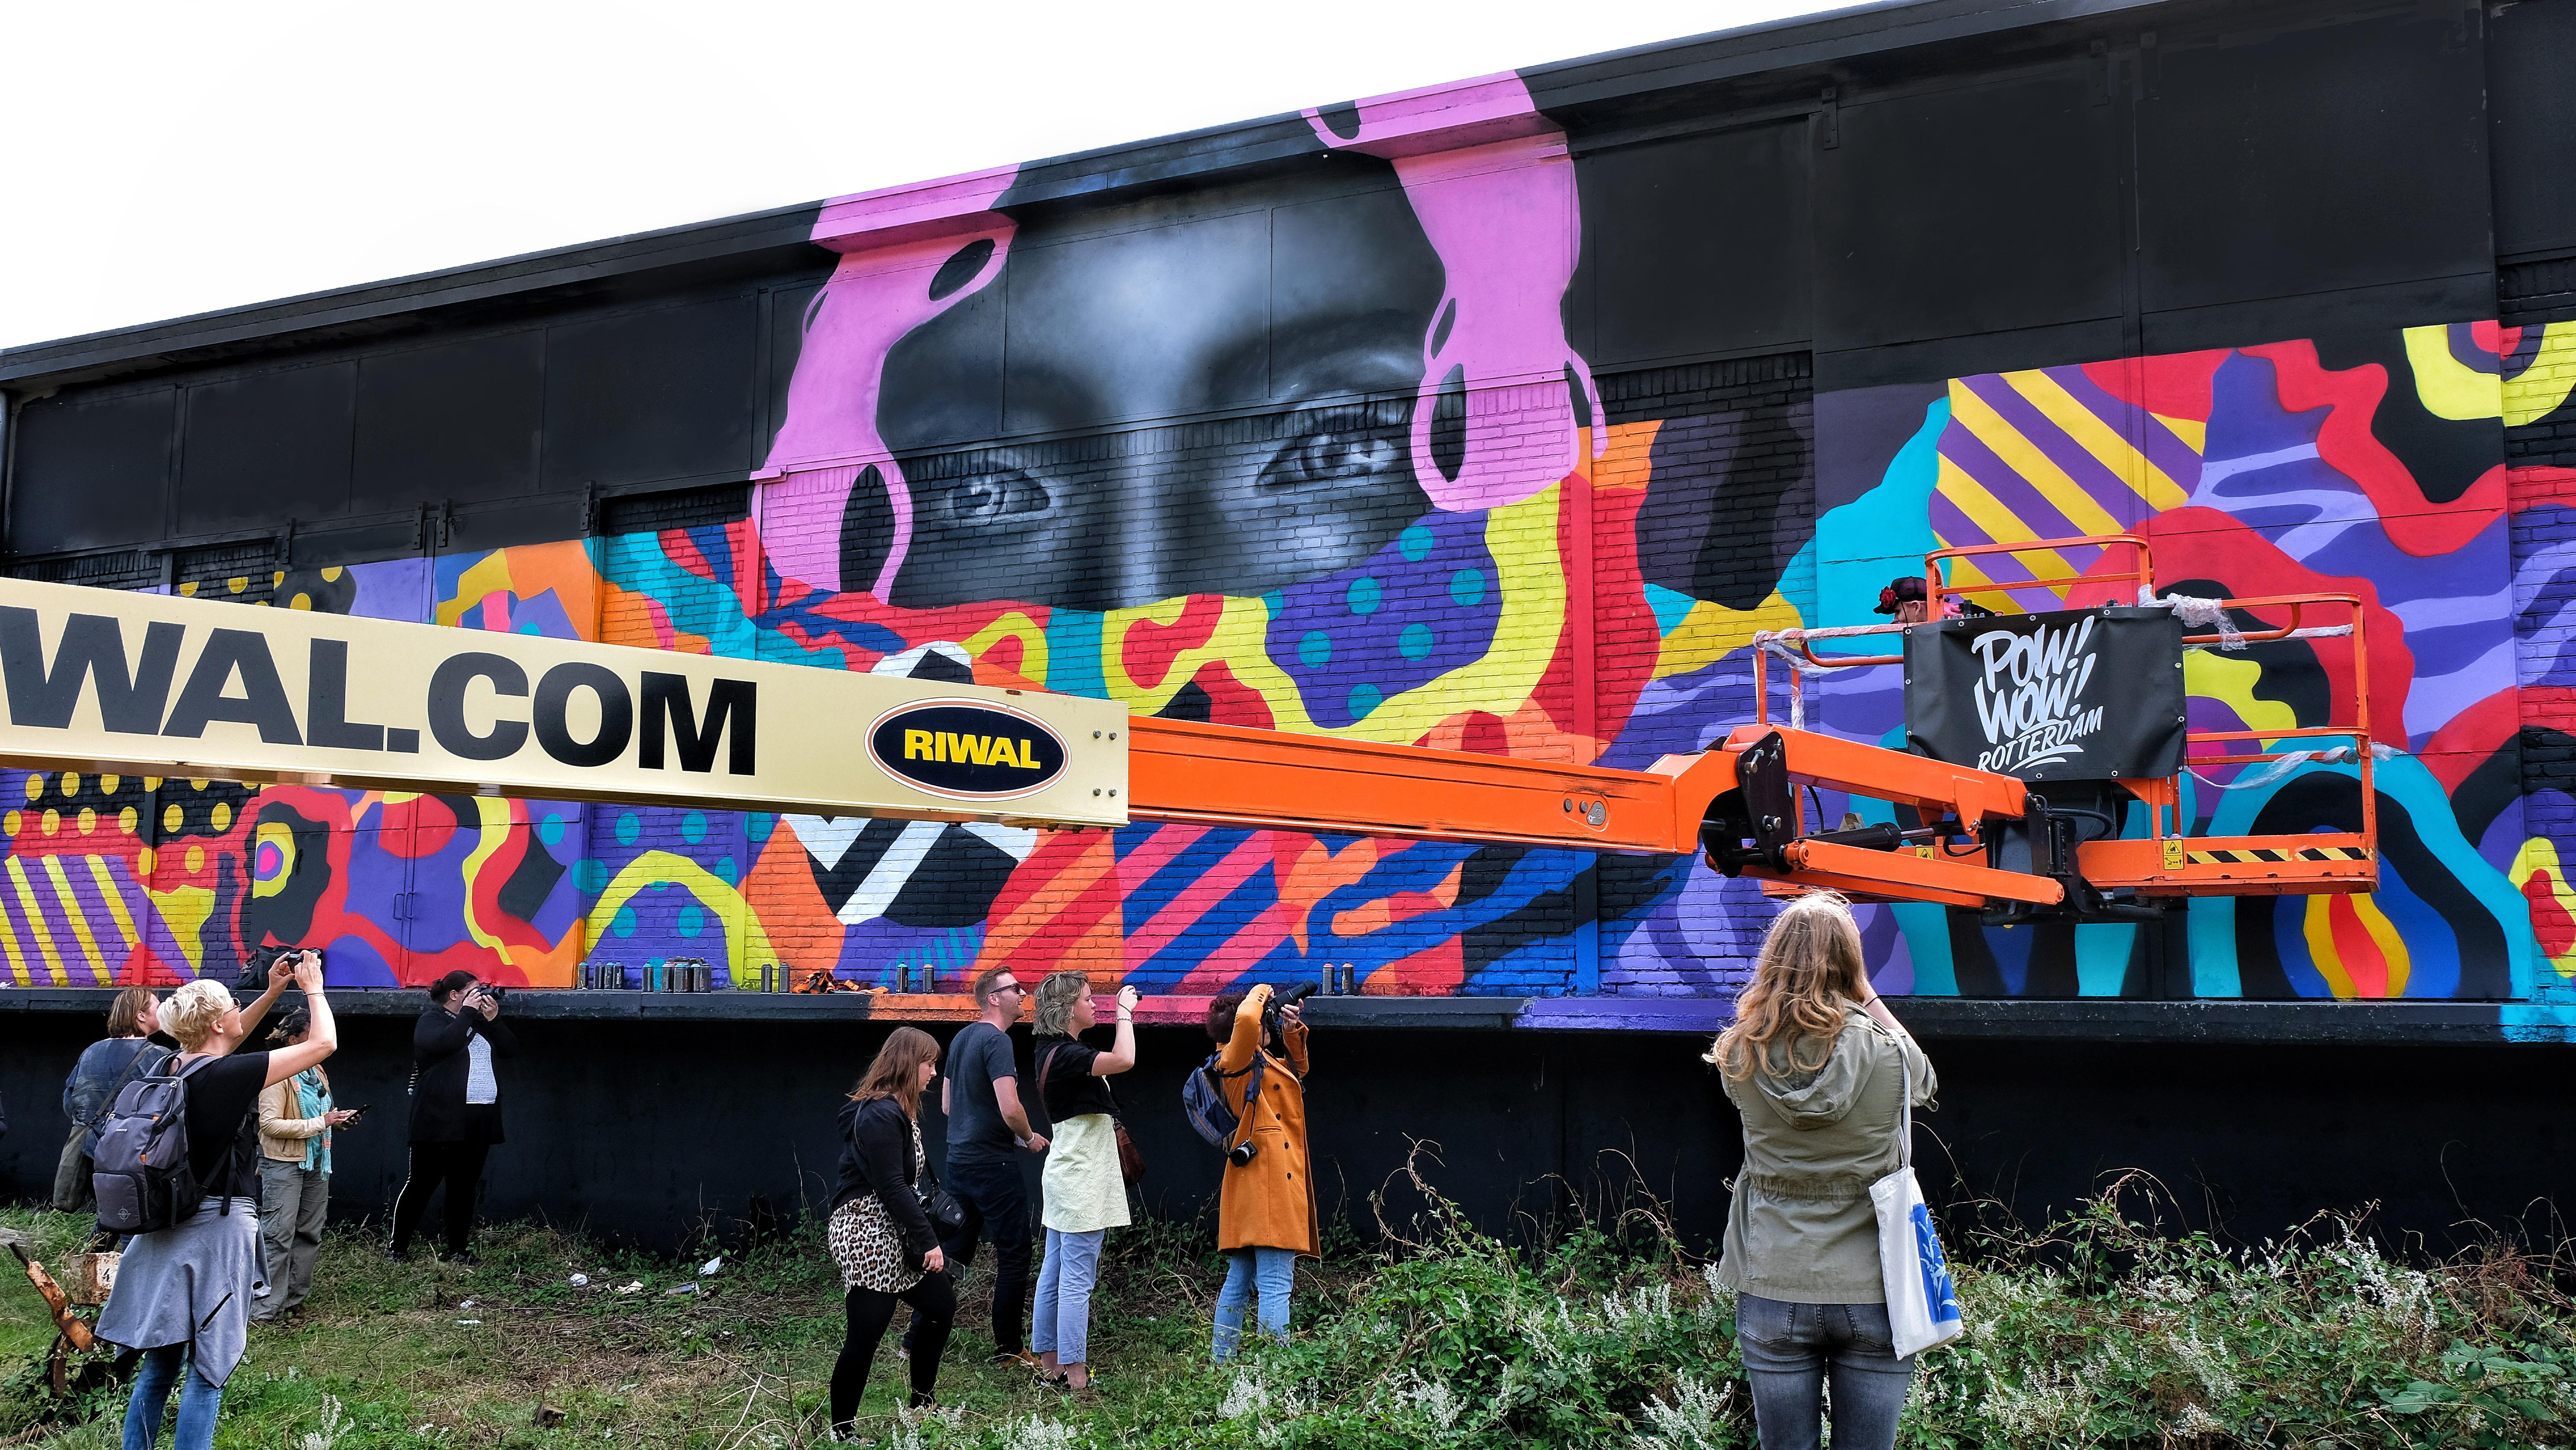 Rotterdam-photo by annie tram